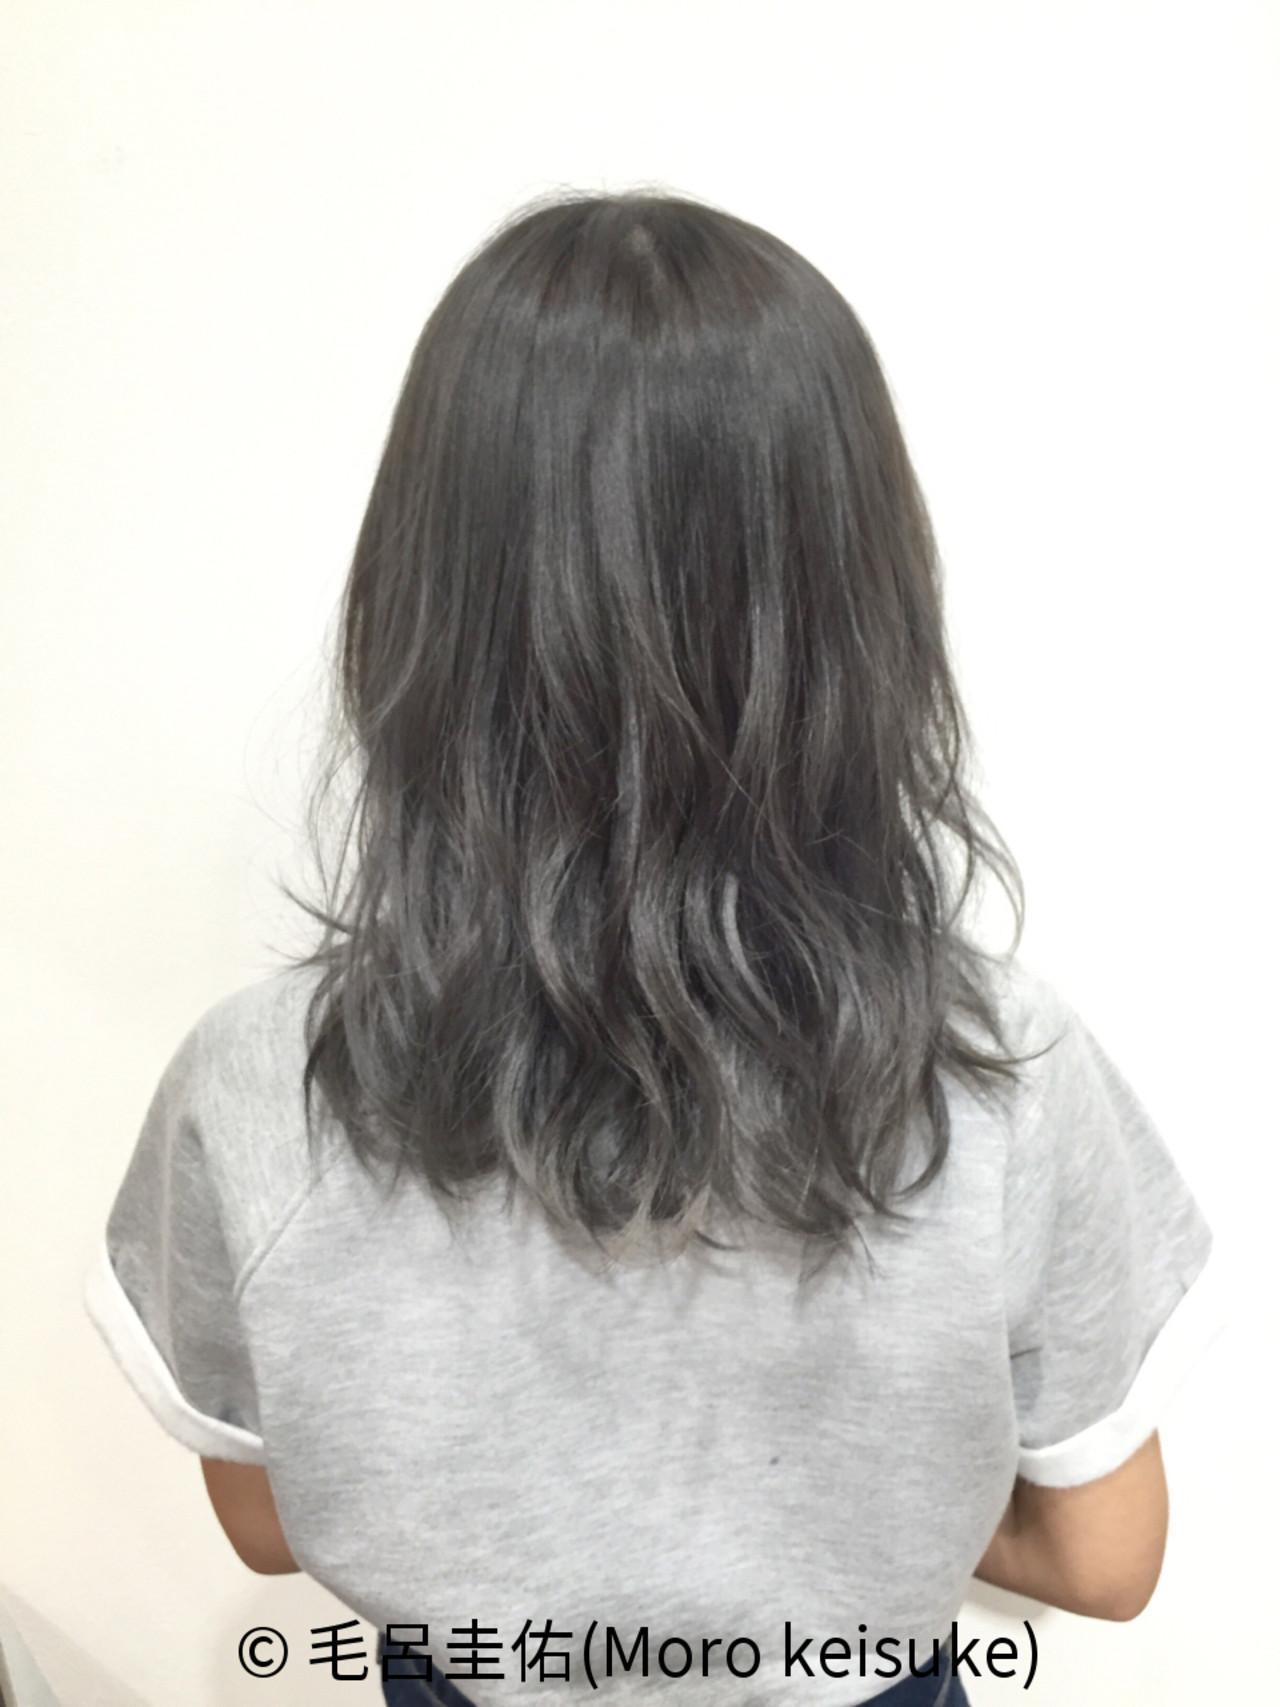 グレー ダークアッシュ ミディアム ブリーチ ヘアスタイルや髪型の写真・画像